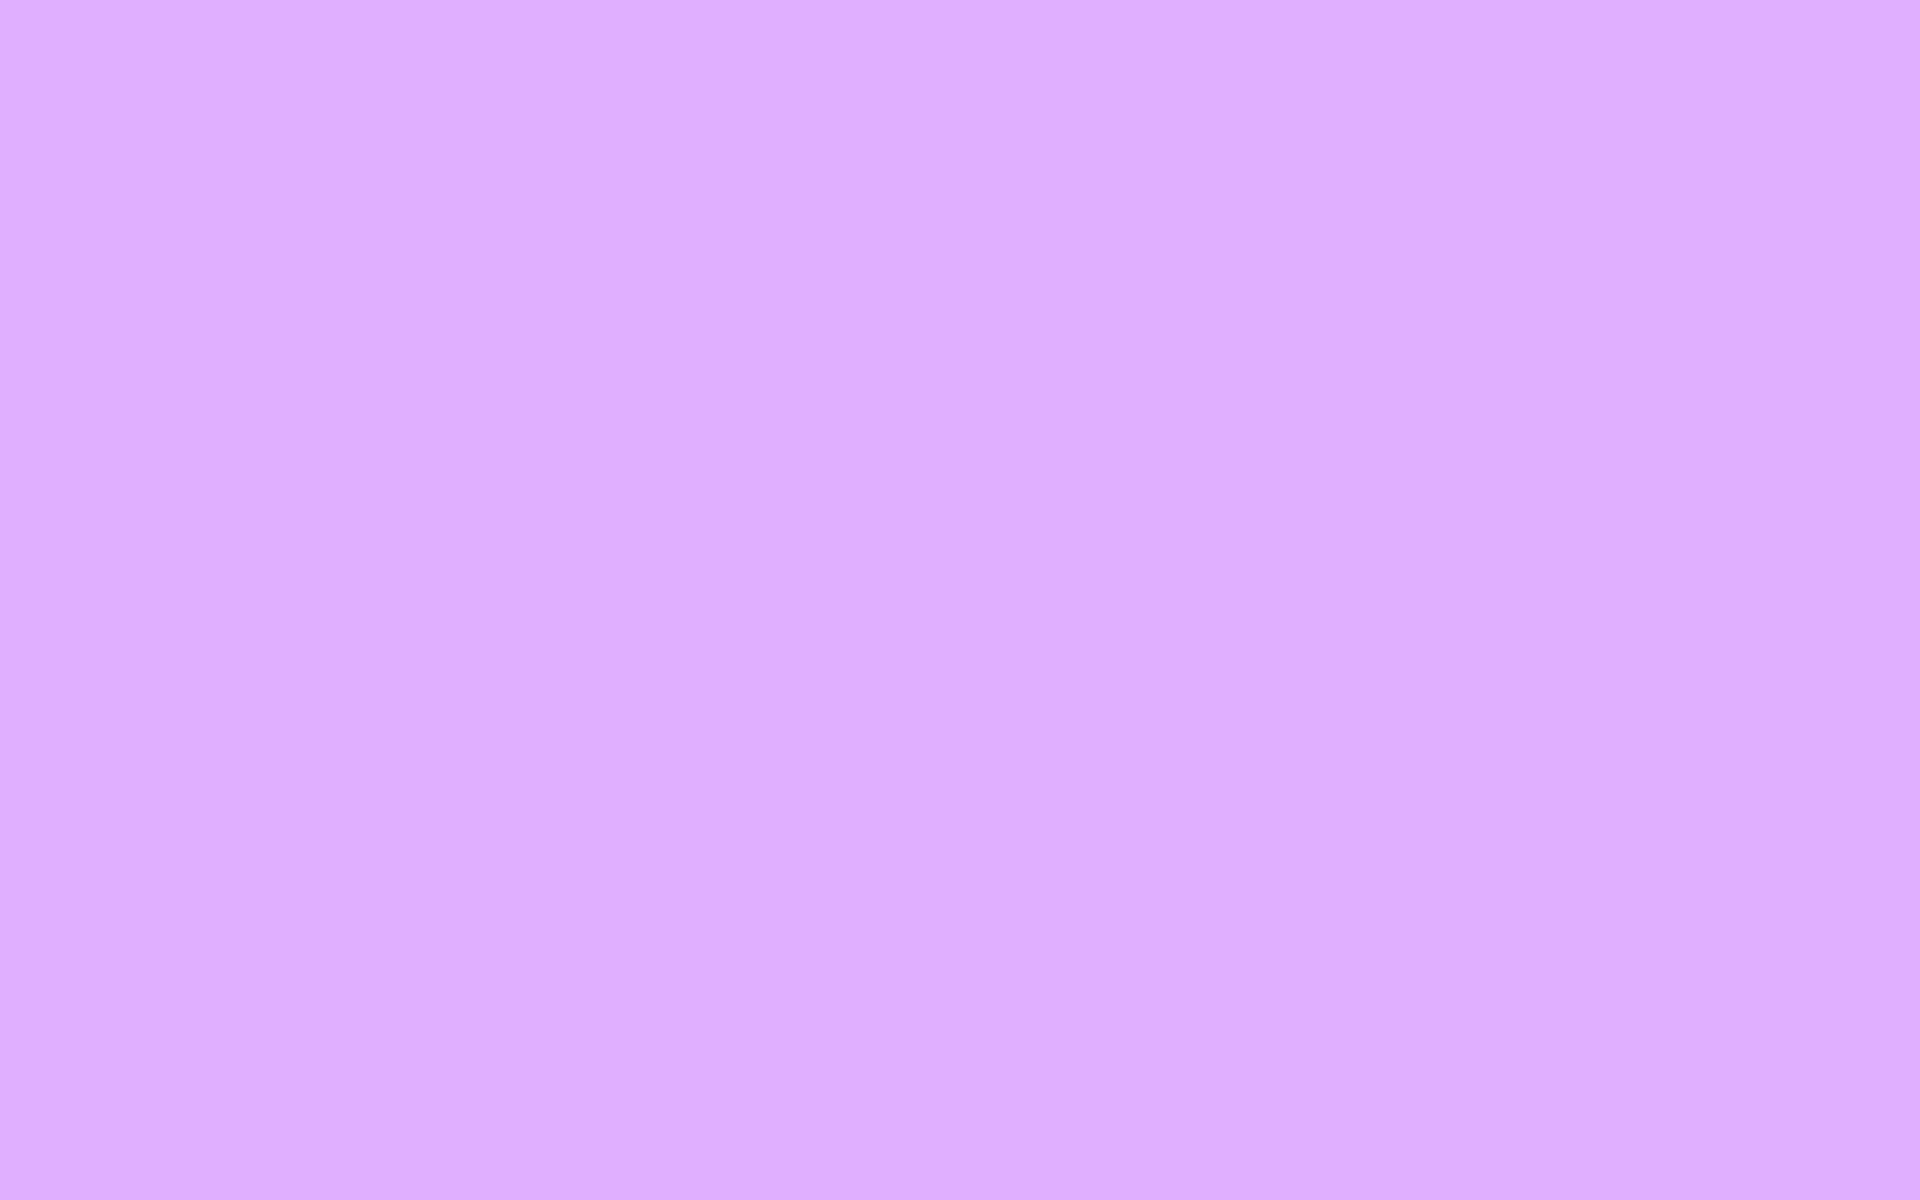 1920x1200 Mauve Solid Color Background